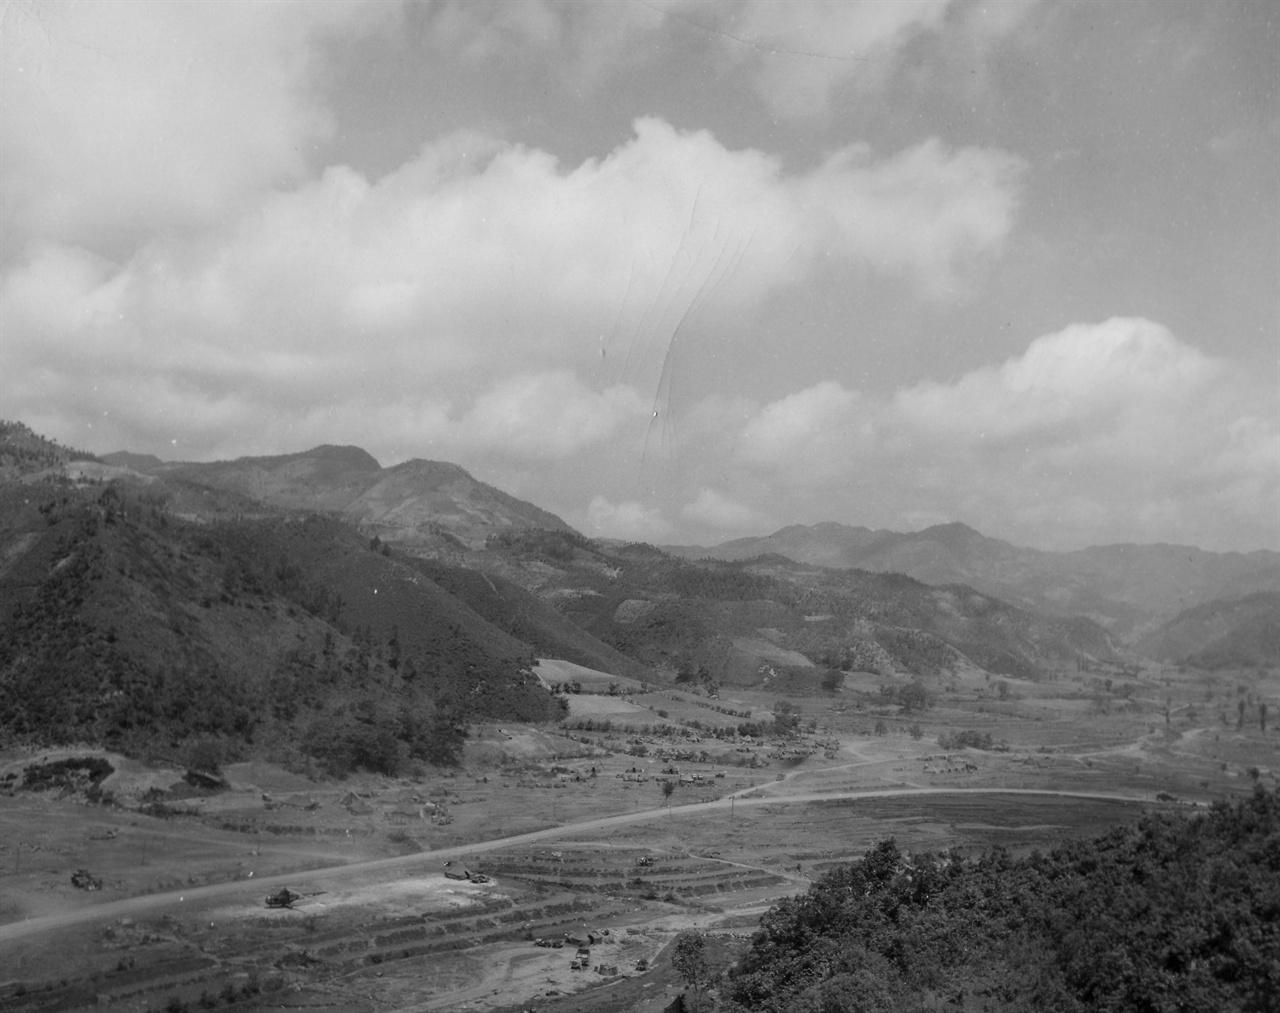 강원도 홍천~인제간 국도 언저리 산하(1951. 5, 28.).